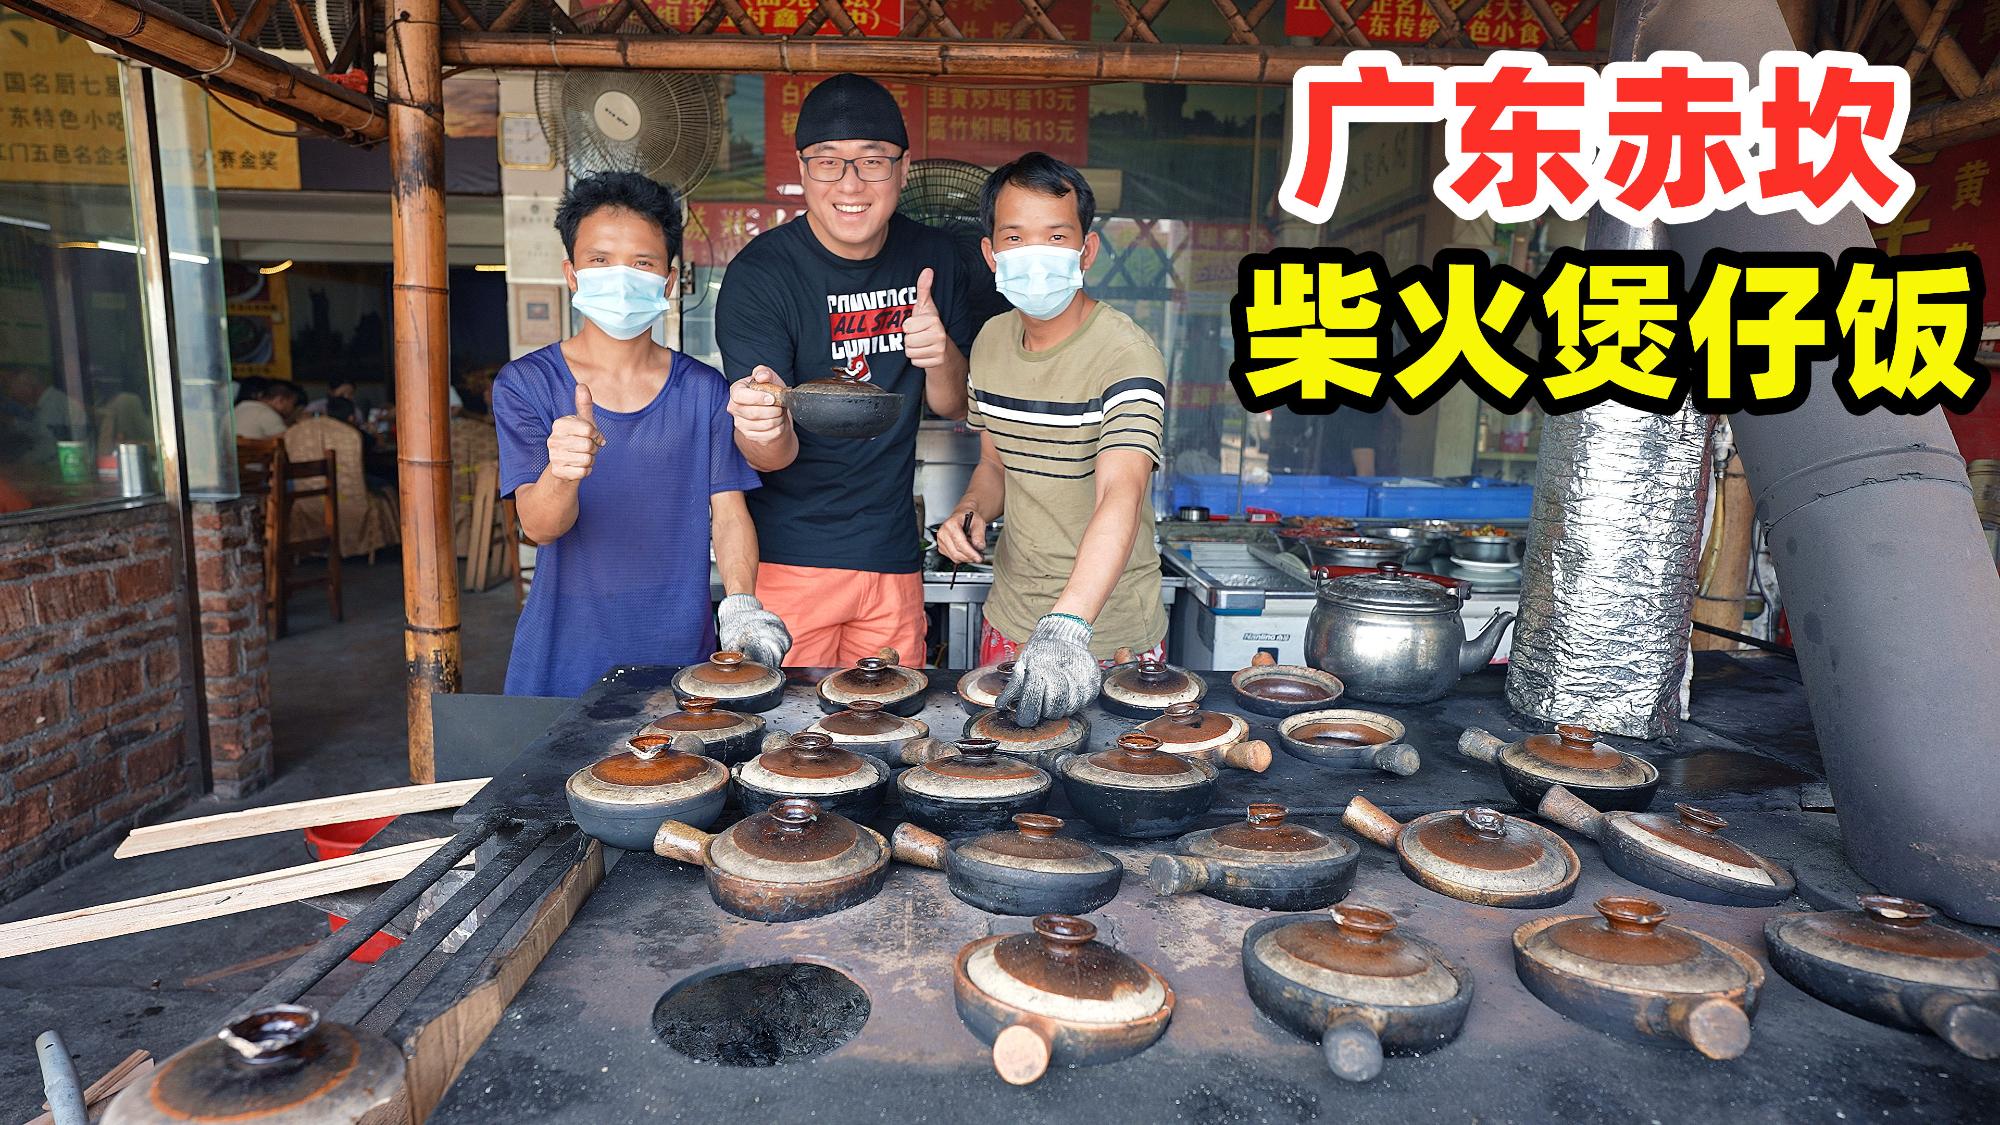 广东赤坎古镇美食三宝,柴火黄鳝煲仔饭,鱼滑豆腐角,三扣糖水